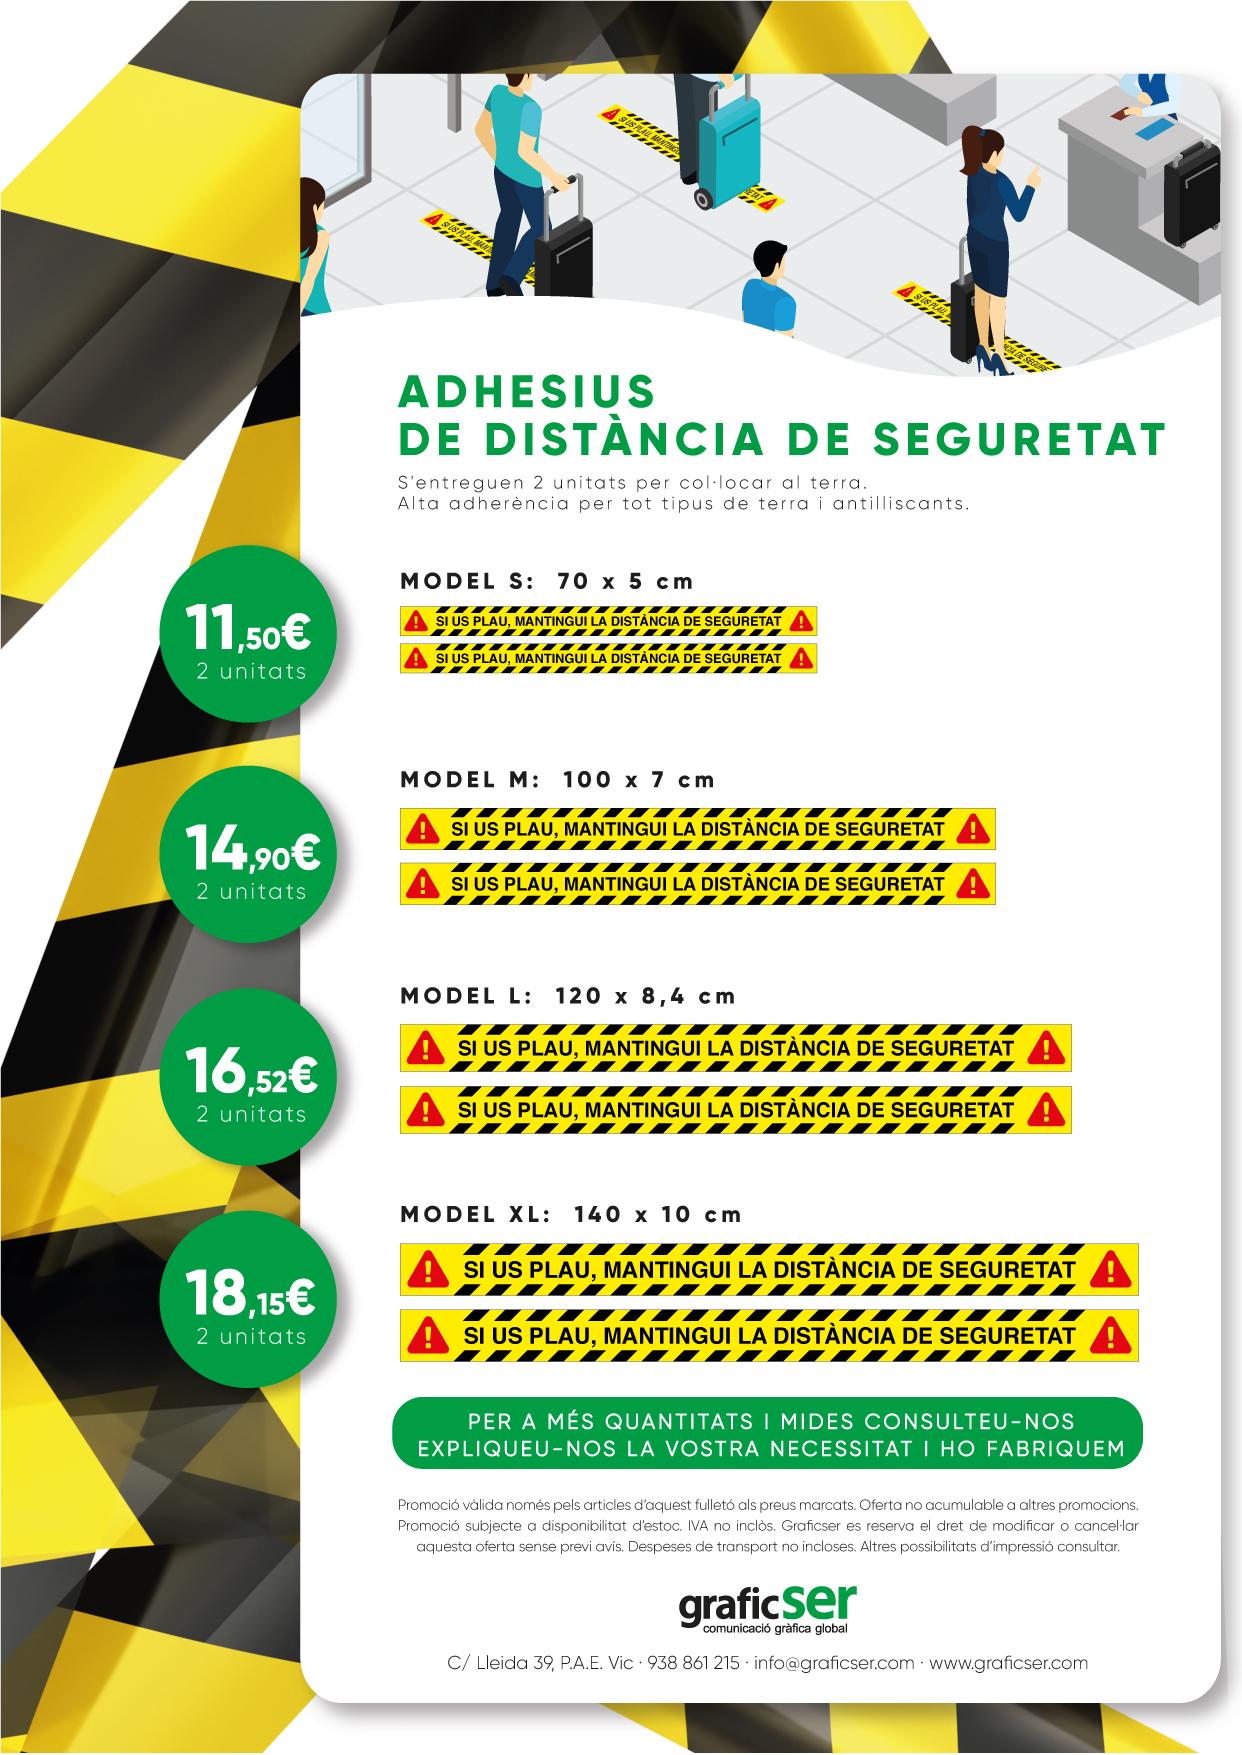 200504 ADHESIUS TERRA DISTÀNCIA SEGURETAT COVID 19 X MAIL 1